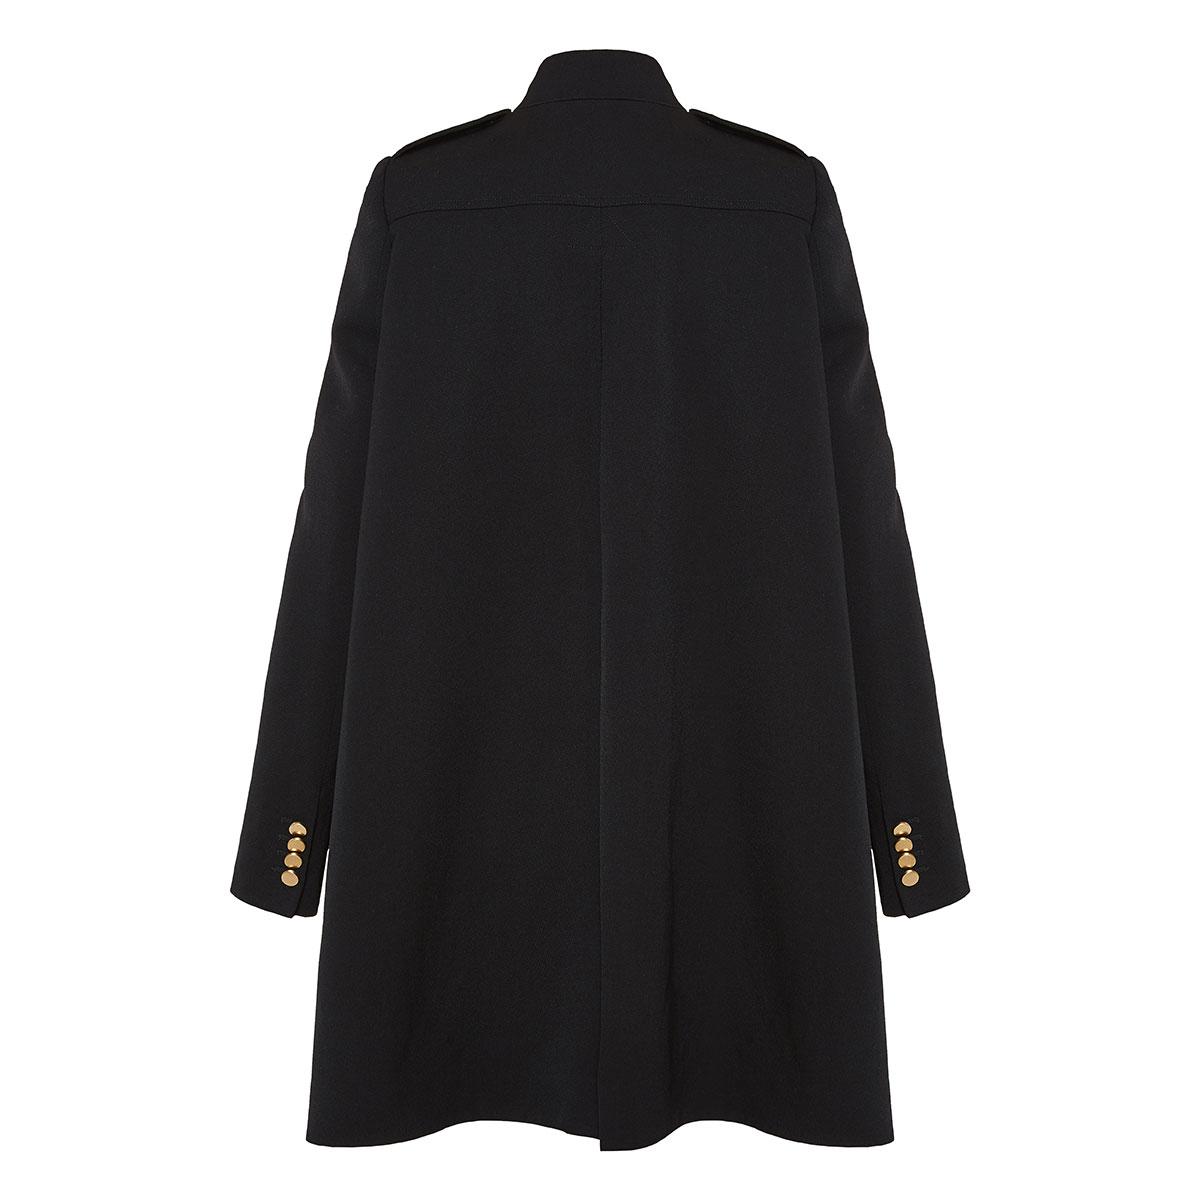 Oversized military coat